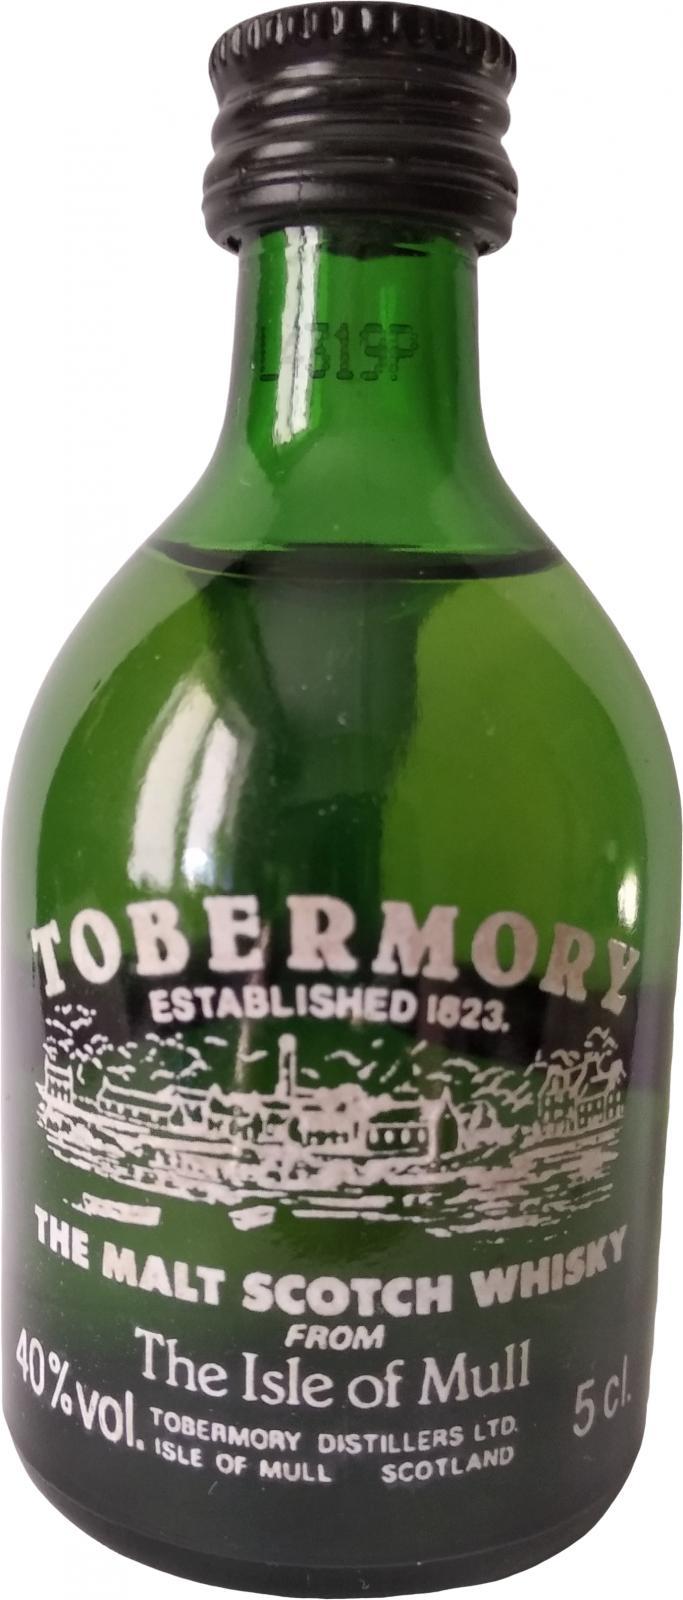 Tobermory The Malt Scotch Whisky